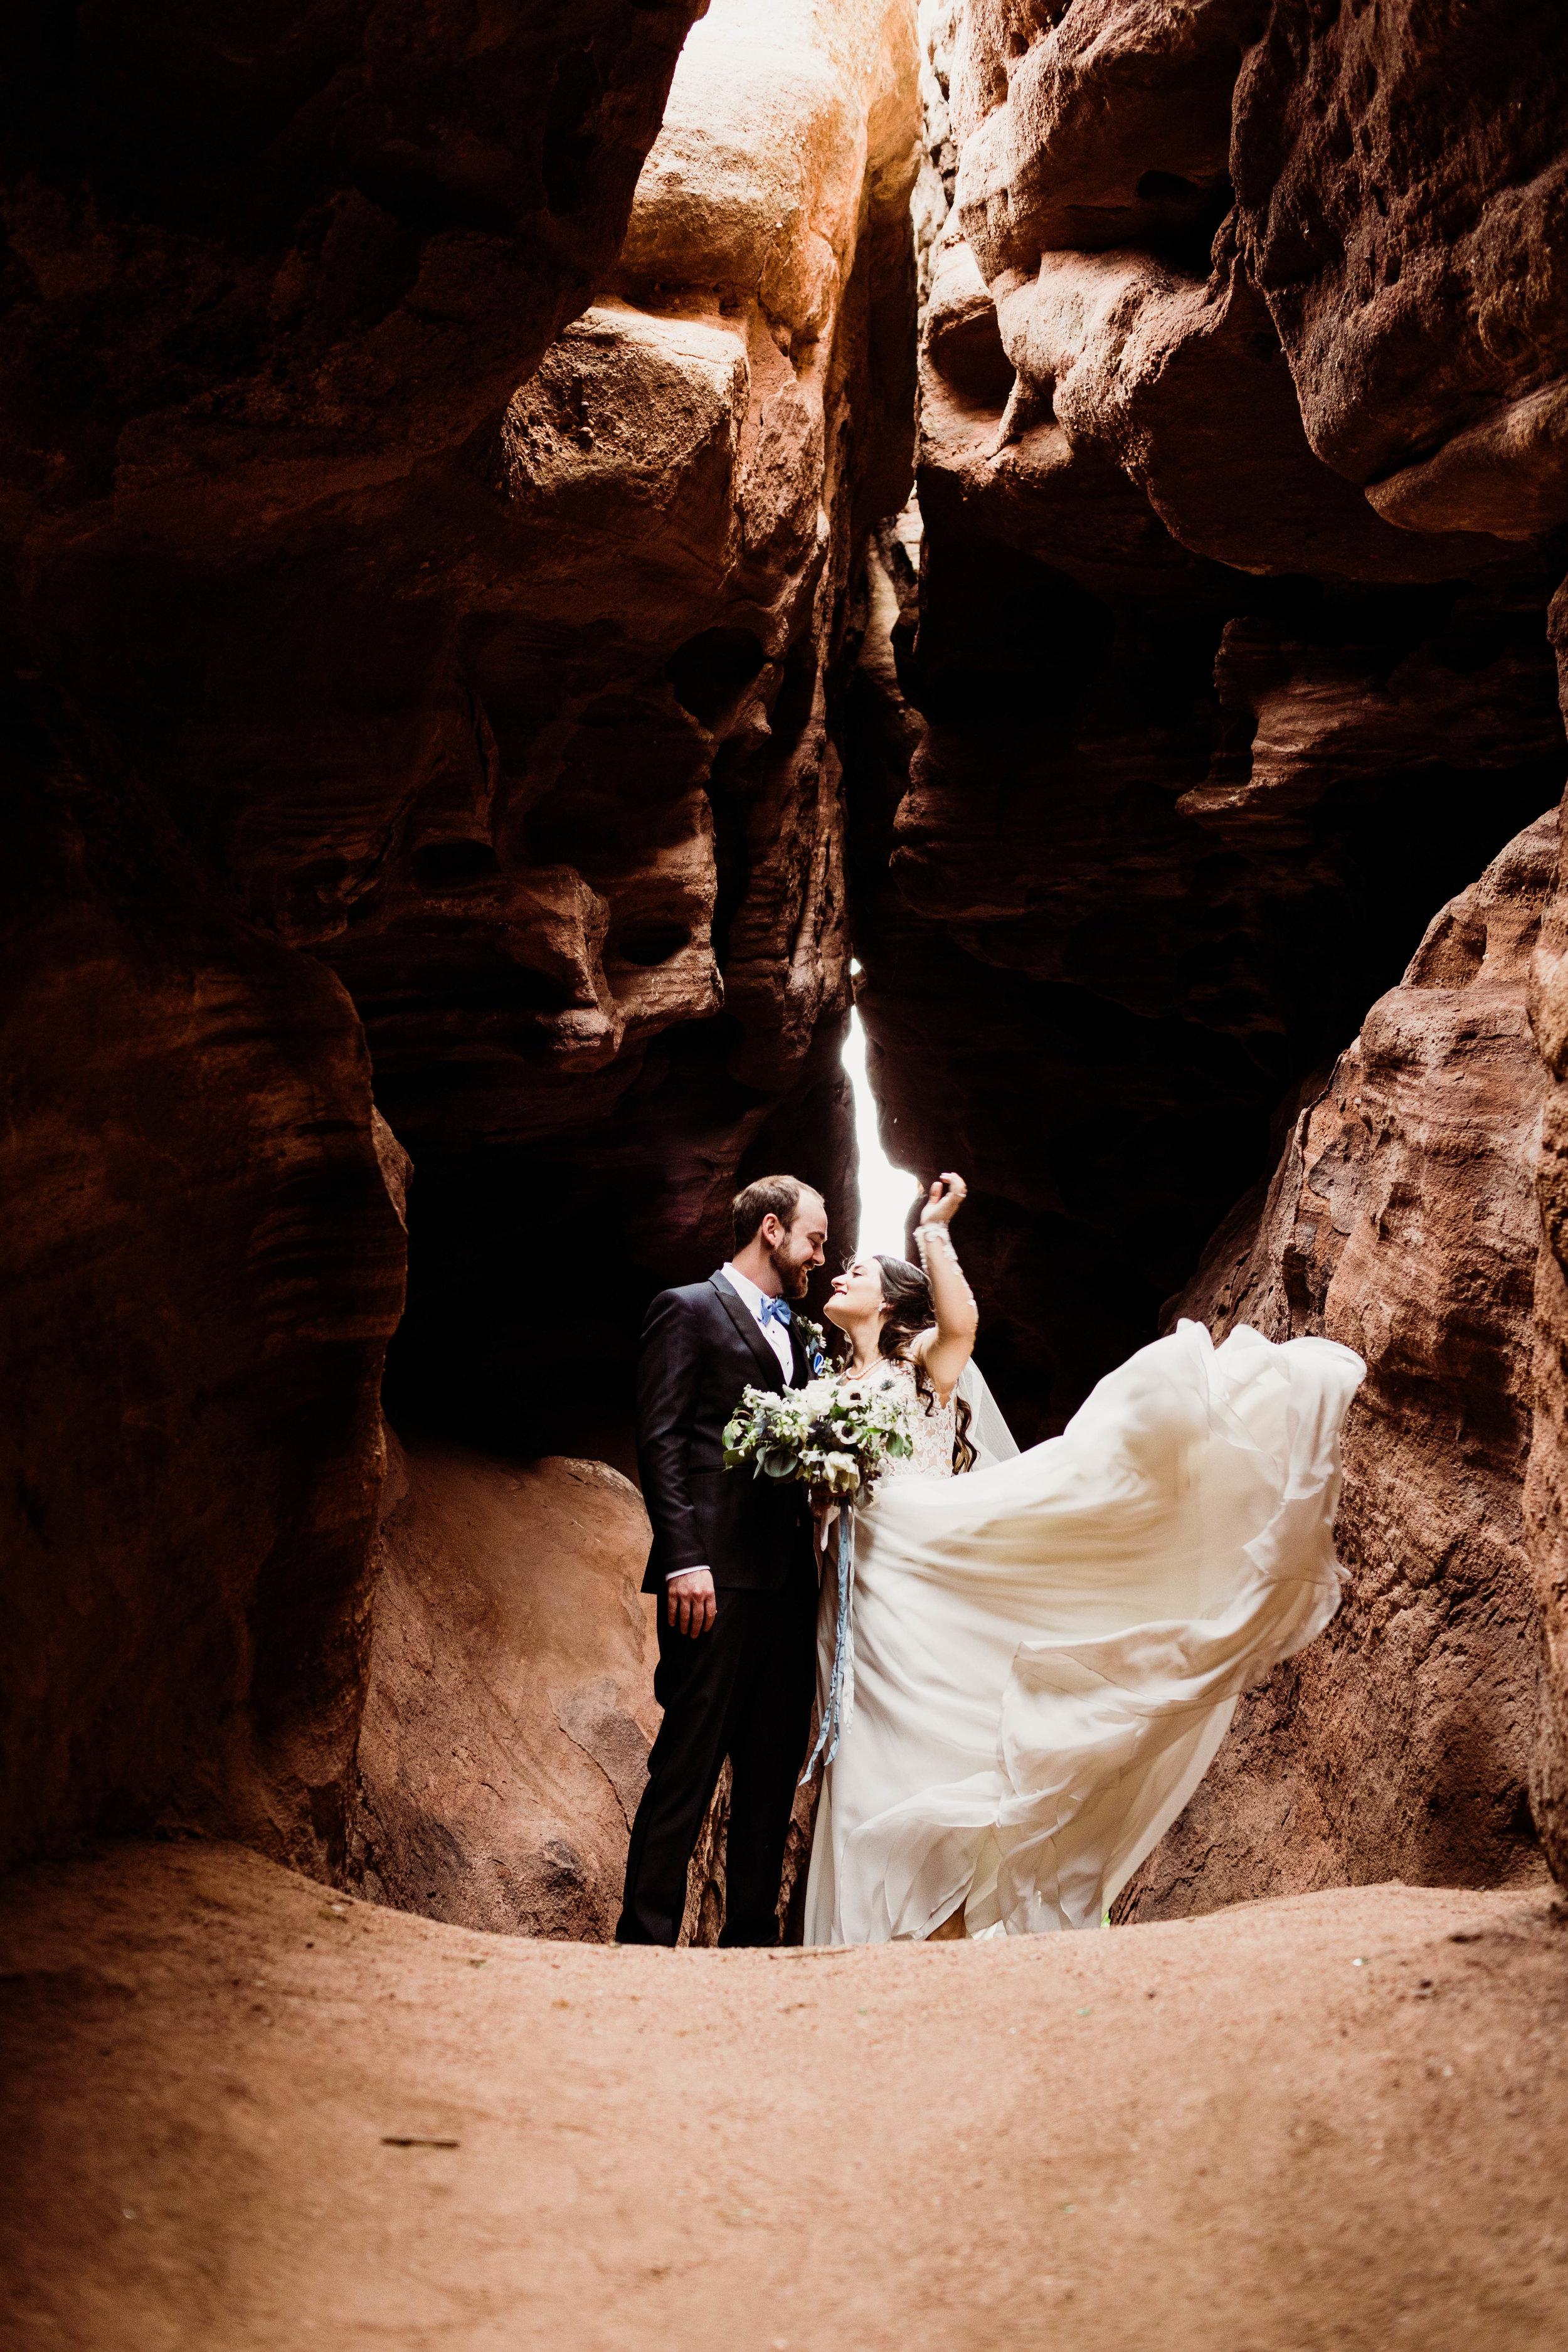 Slot Canyon Adventure Elopement | Best Elopement Photographers | Colorado elopement packages